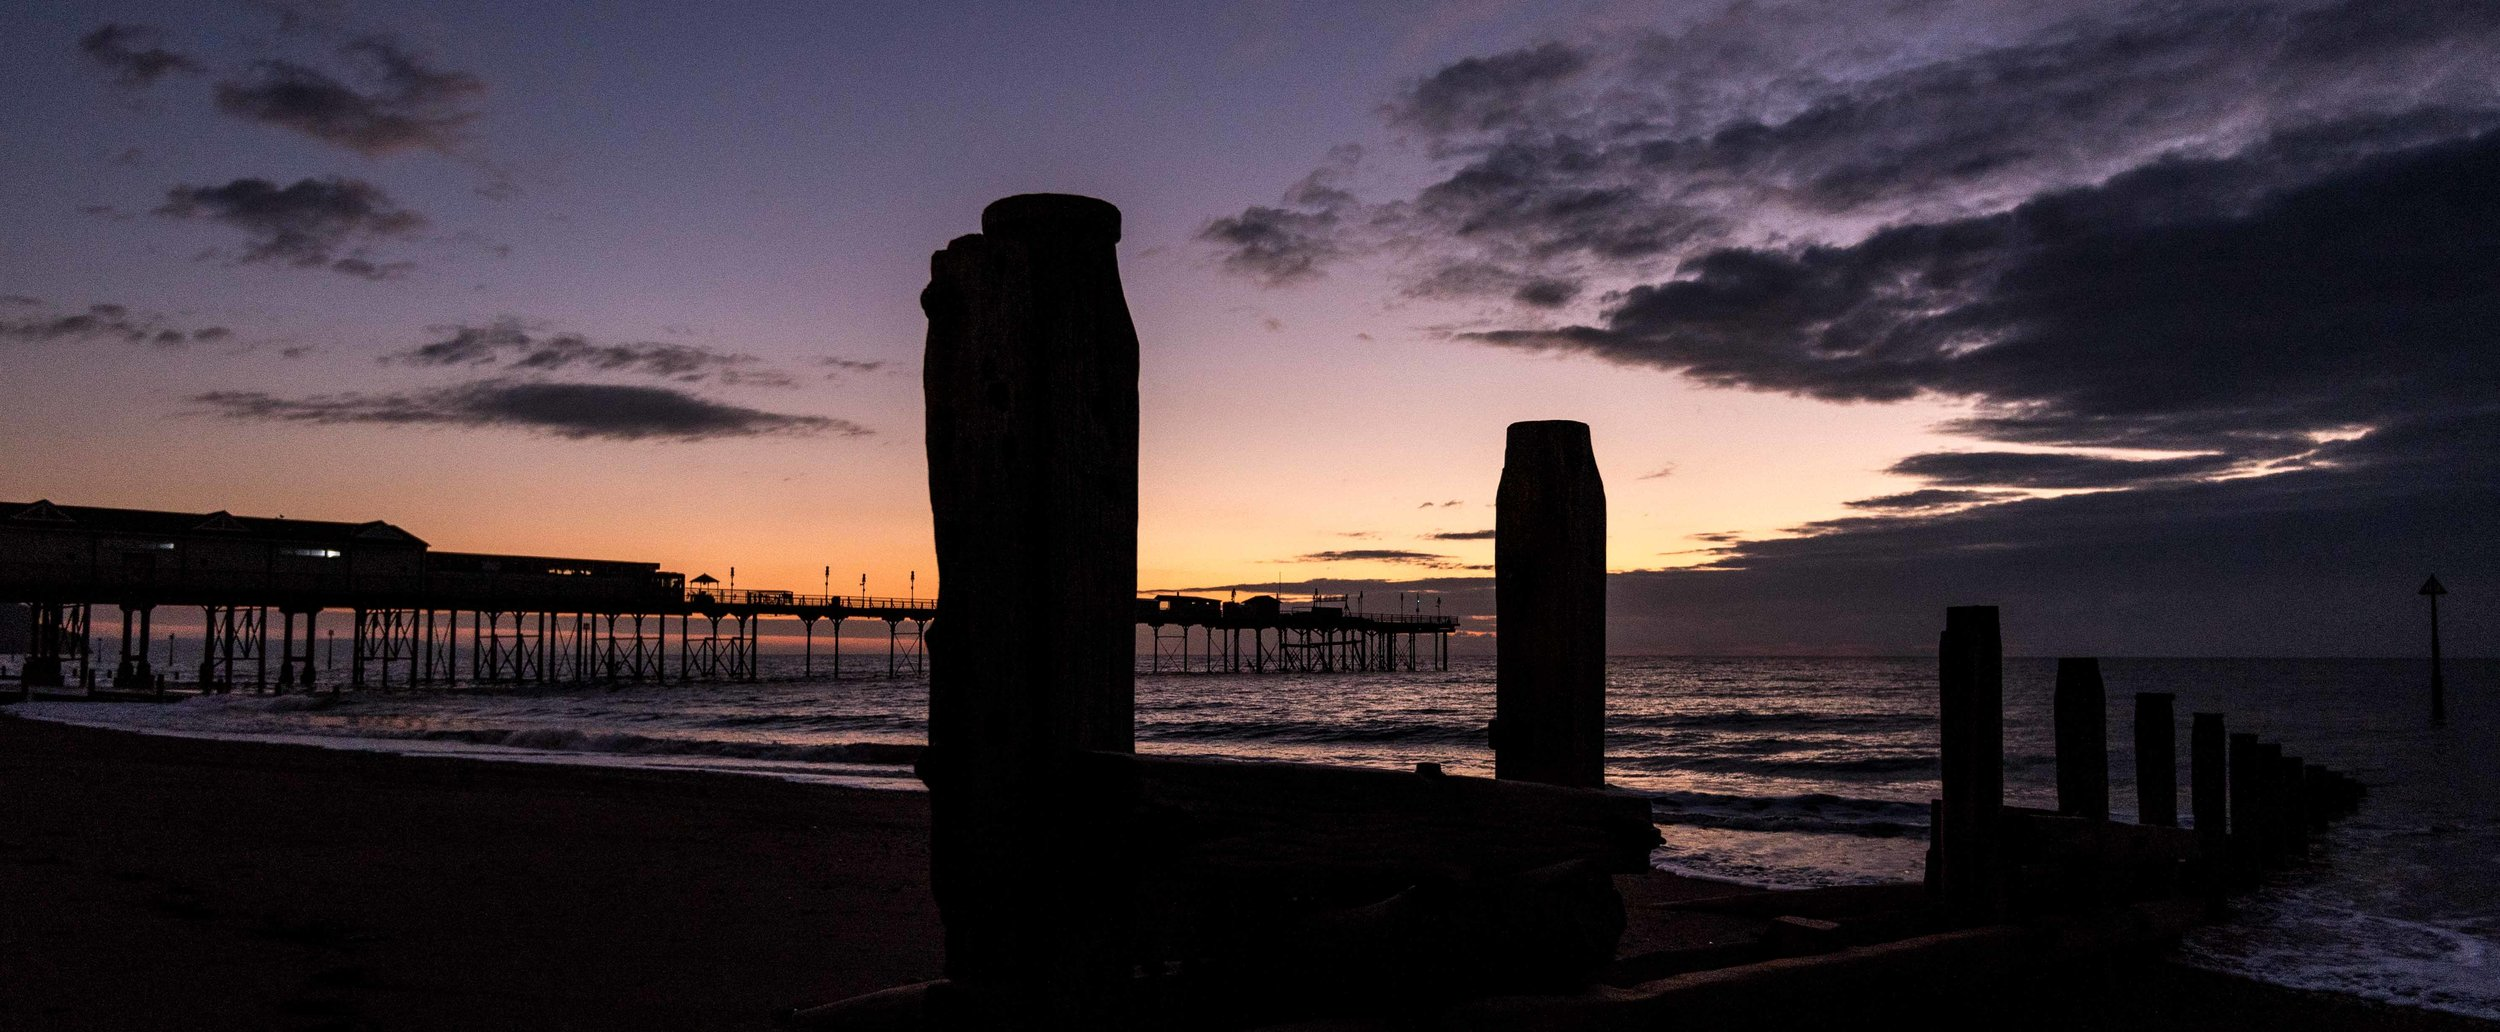 Teignmouth beach